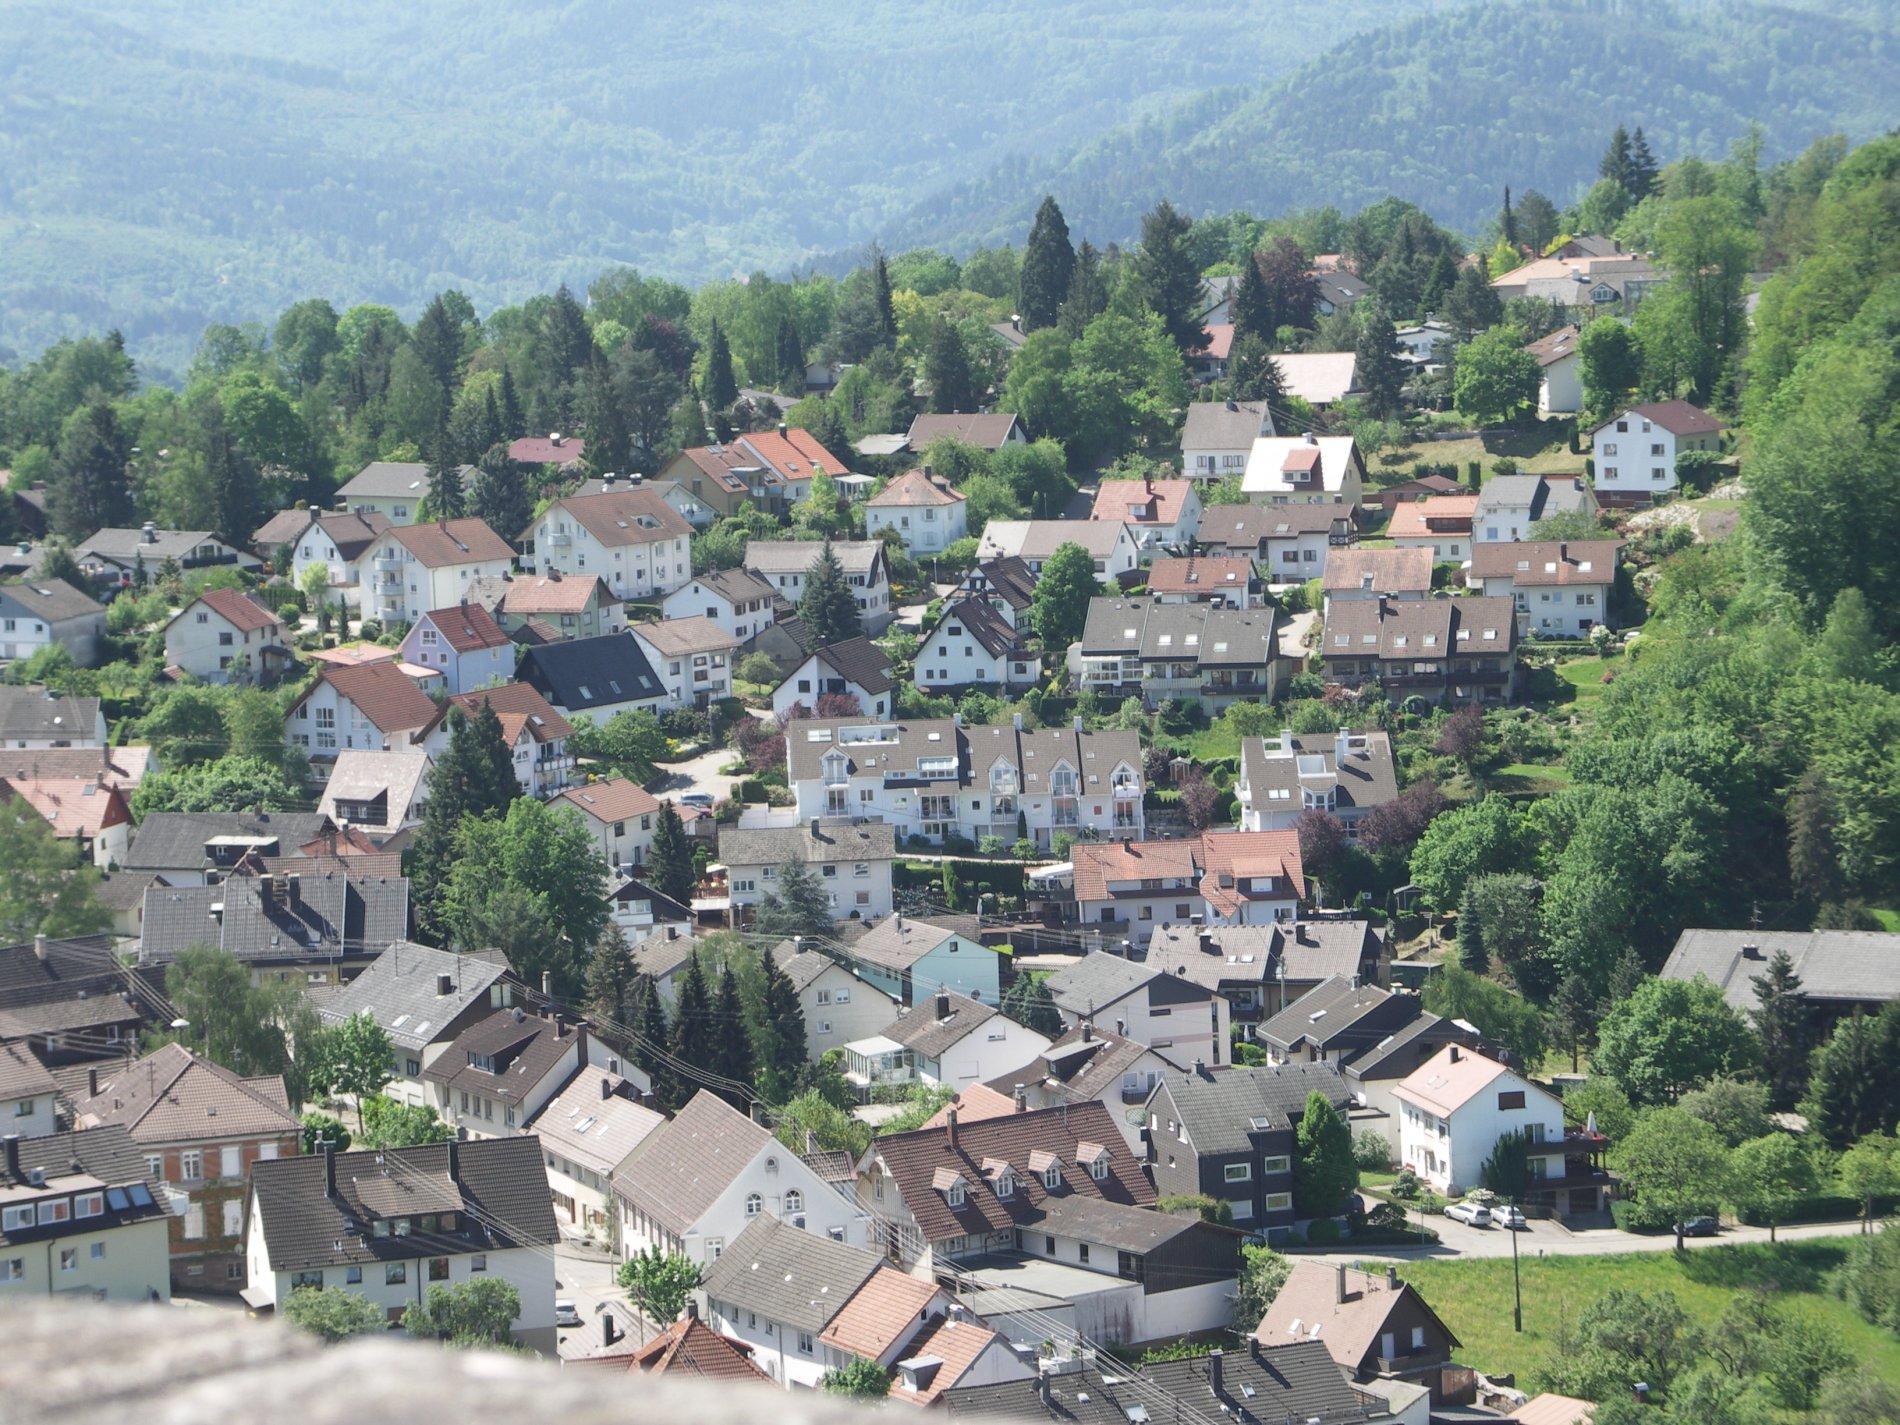 Blick auf Ebersteinburg